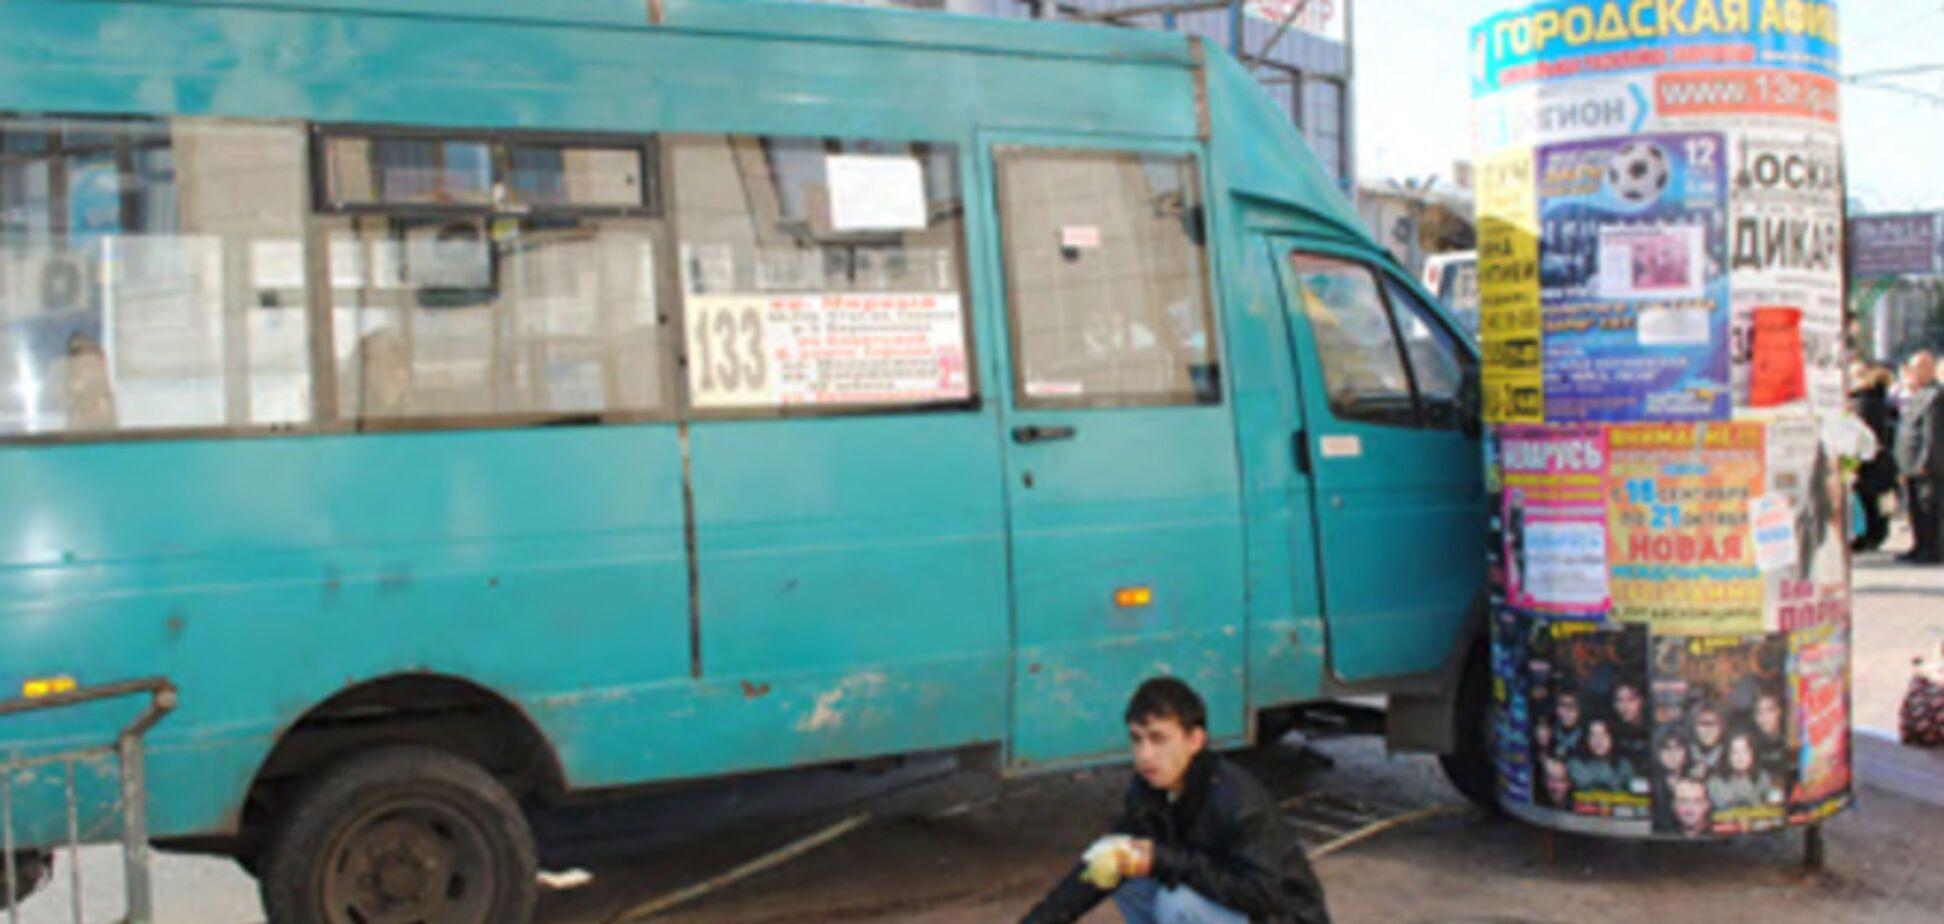 У Луганську посібники терористів викрадають маршрутки і крадуть продукти - джерело